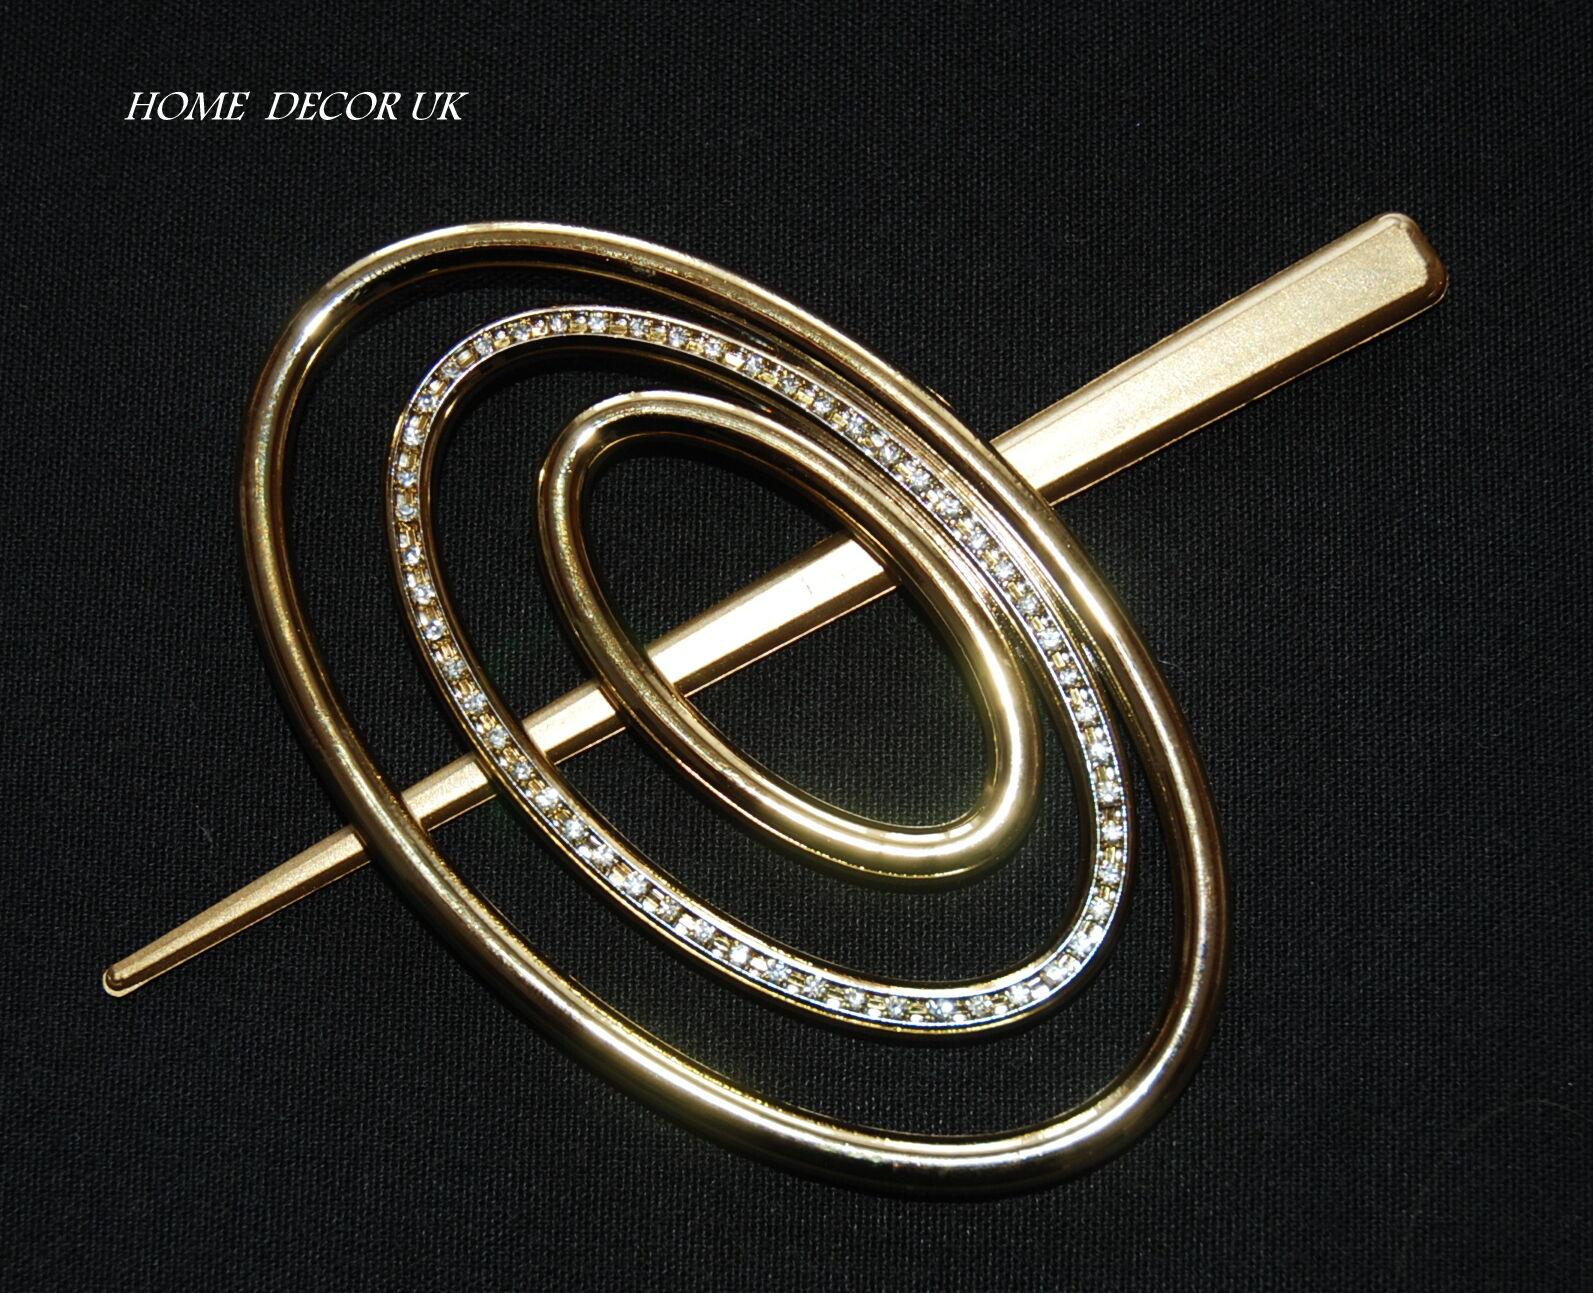 luxus vorhang brosche raffhalter klammer vorhang halter gold silber farbe eur 4 58 picclick de. Black Bedroom Furniture Sets. Home Design Ideas